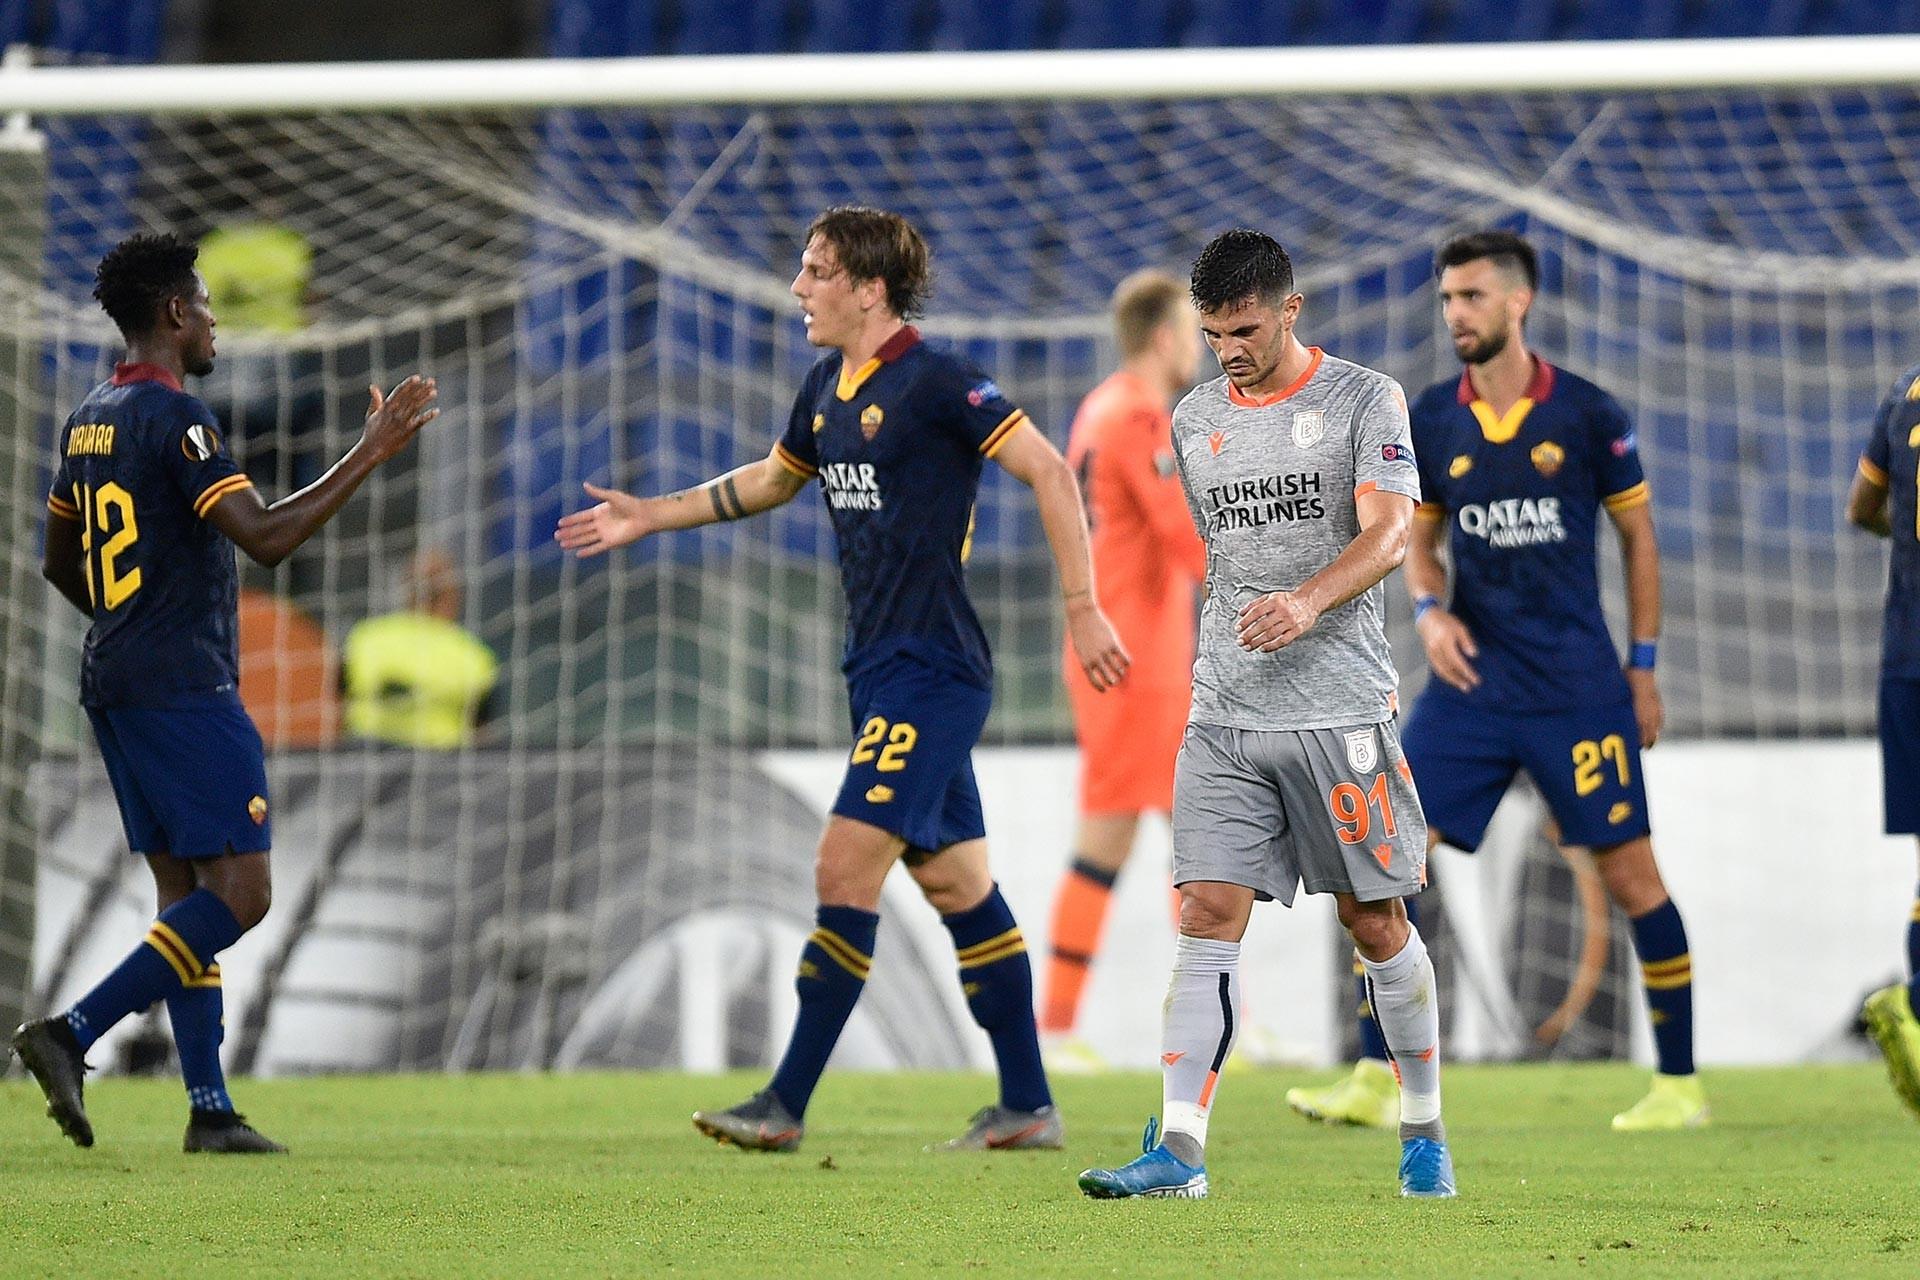 Başakşehir, UEFA Avrupa Ligi ilk maçında Roma'ya 4-0 mağlup oldu